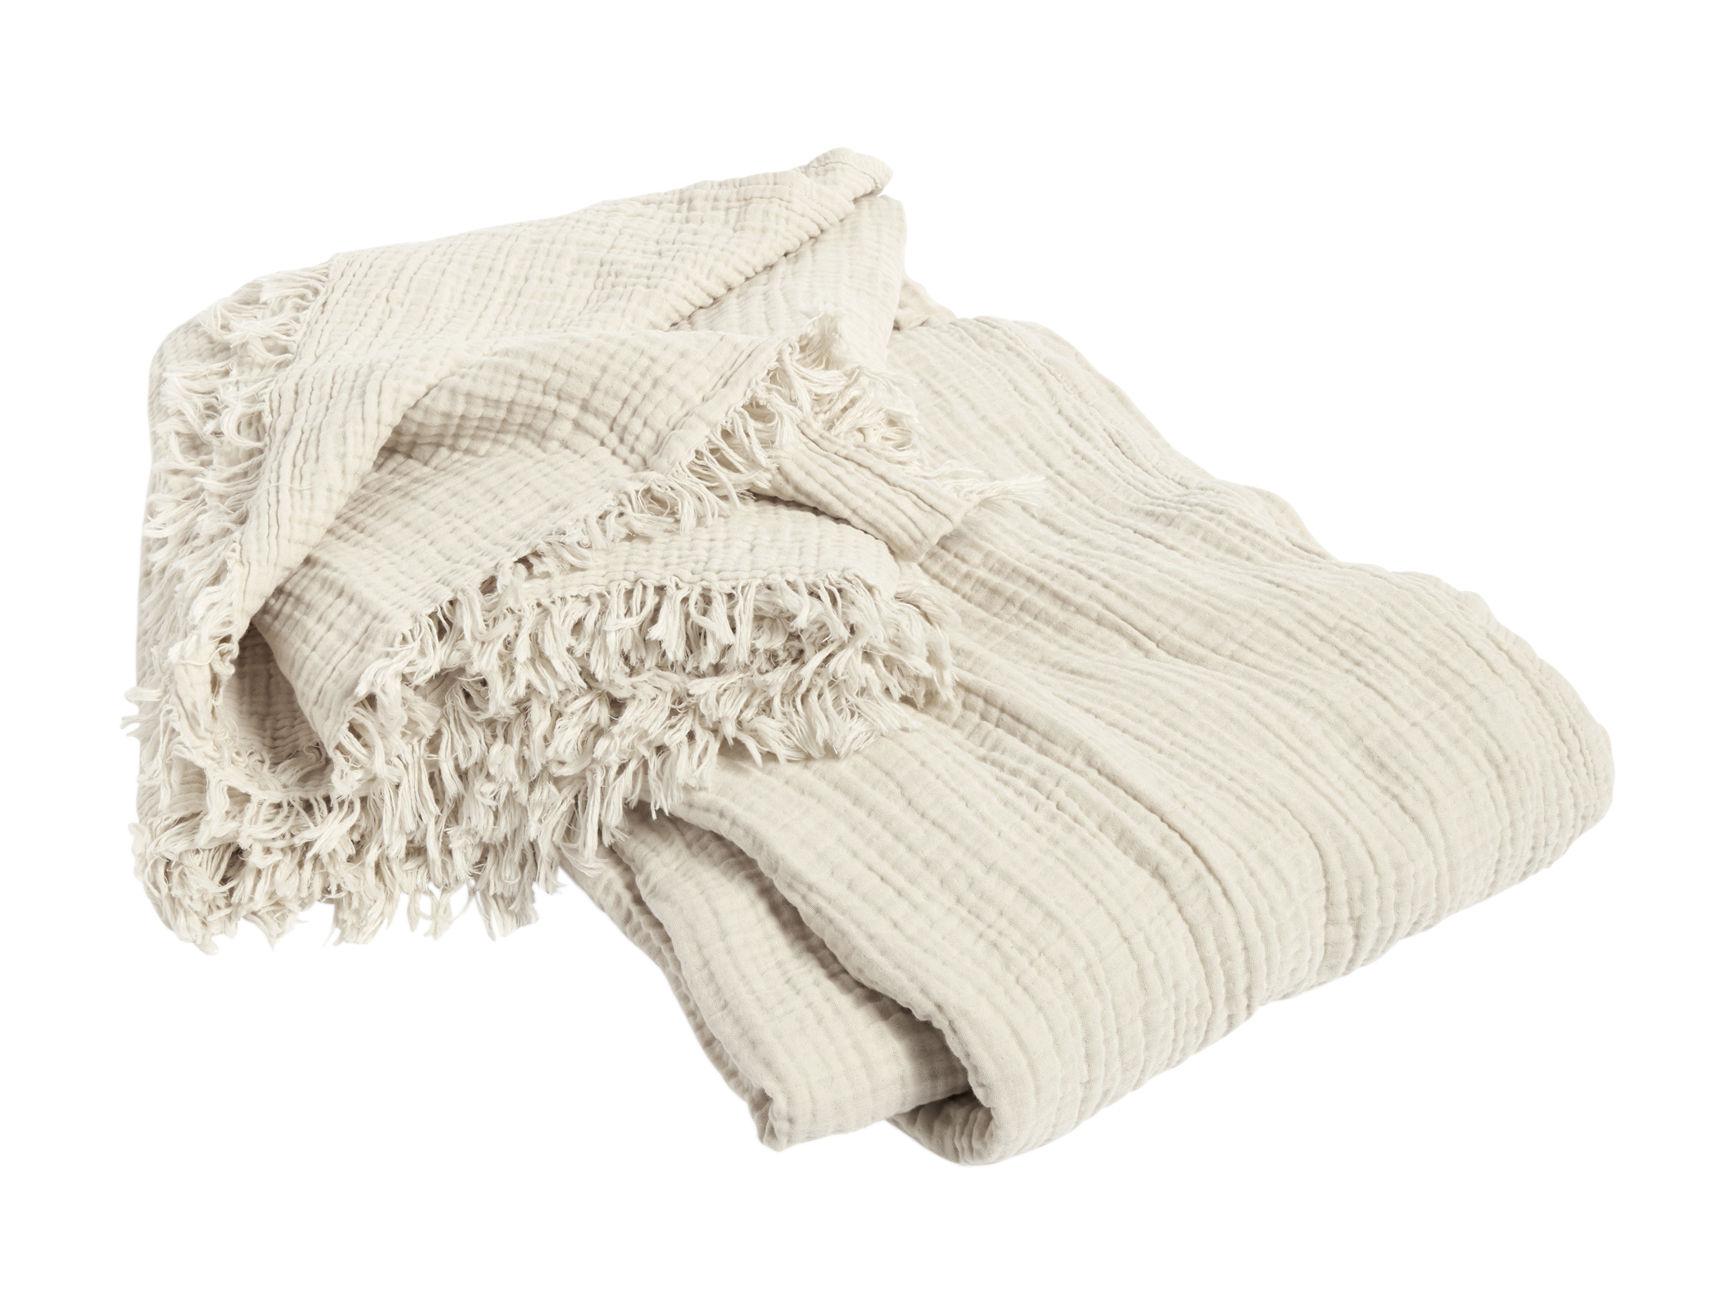 Decoration - Bedding & Bath Towels - Crinkle Bedspread - / Pleated cotton - 270 x 270 cm by Hay - Cream - Coton plissé